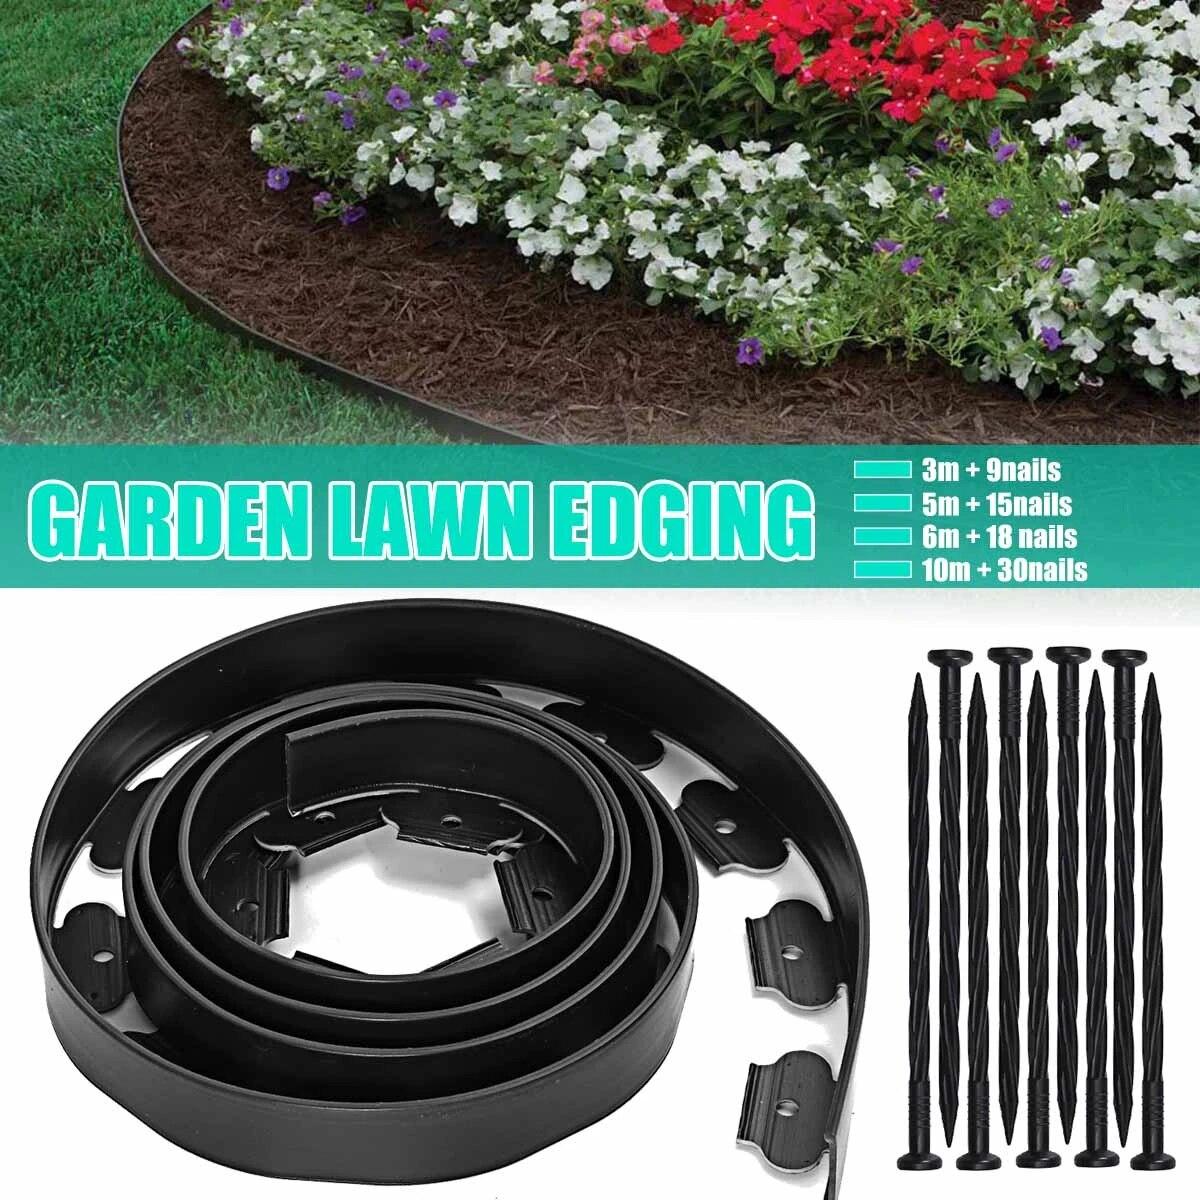 3m 6m jardin flexible pelouse herbe en plastique bordure bordure paysage bordure facile installer inserer noir vert